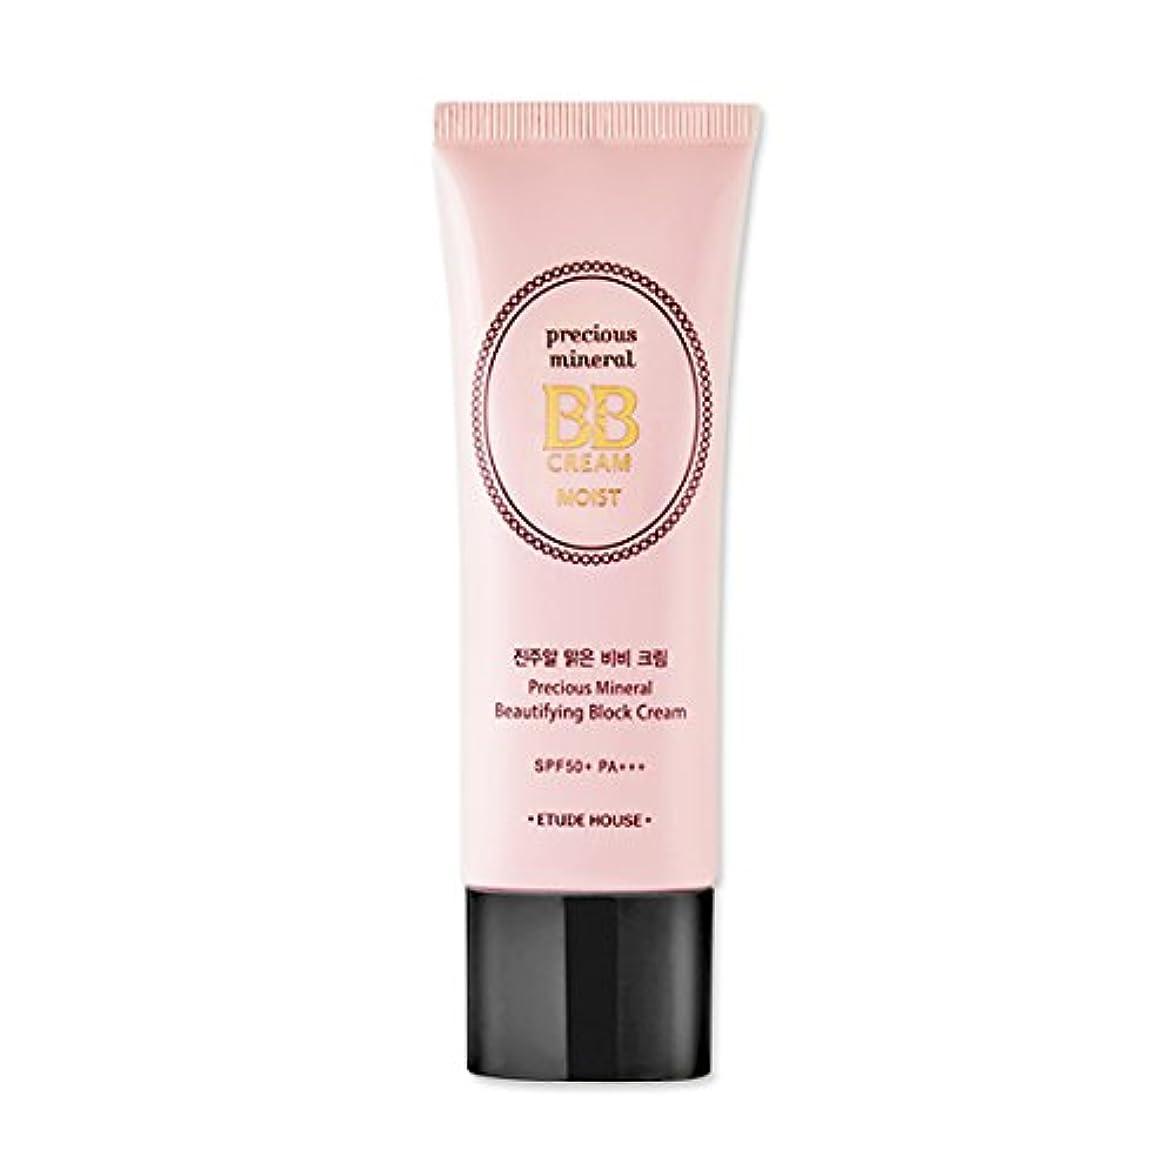 見つけるチラチラするまともな[New] ETUDE HOUSE Precious Mineral BB Cream * Moist * 45g/エチュードハウス プレシャス ミネラル BBクリーム * モイスト * 45g (#Beige) [並行輸入品]